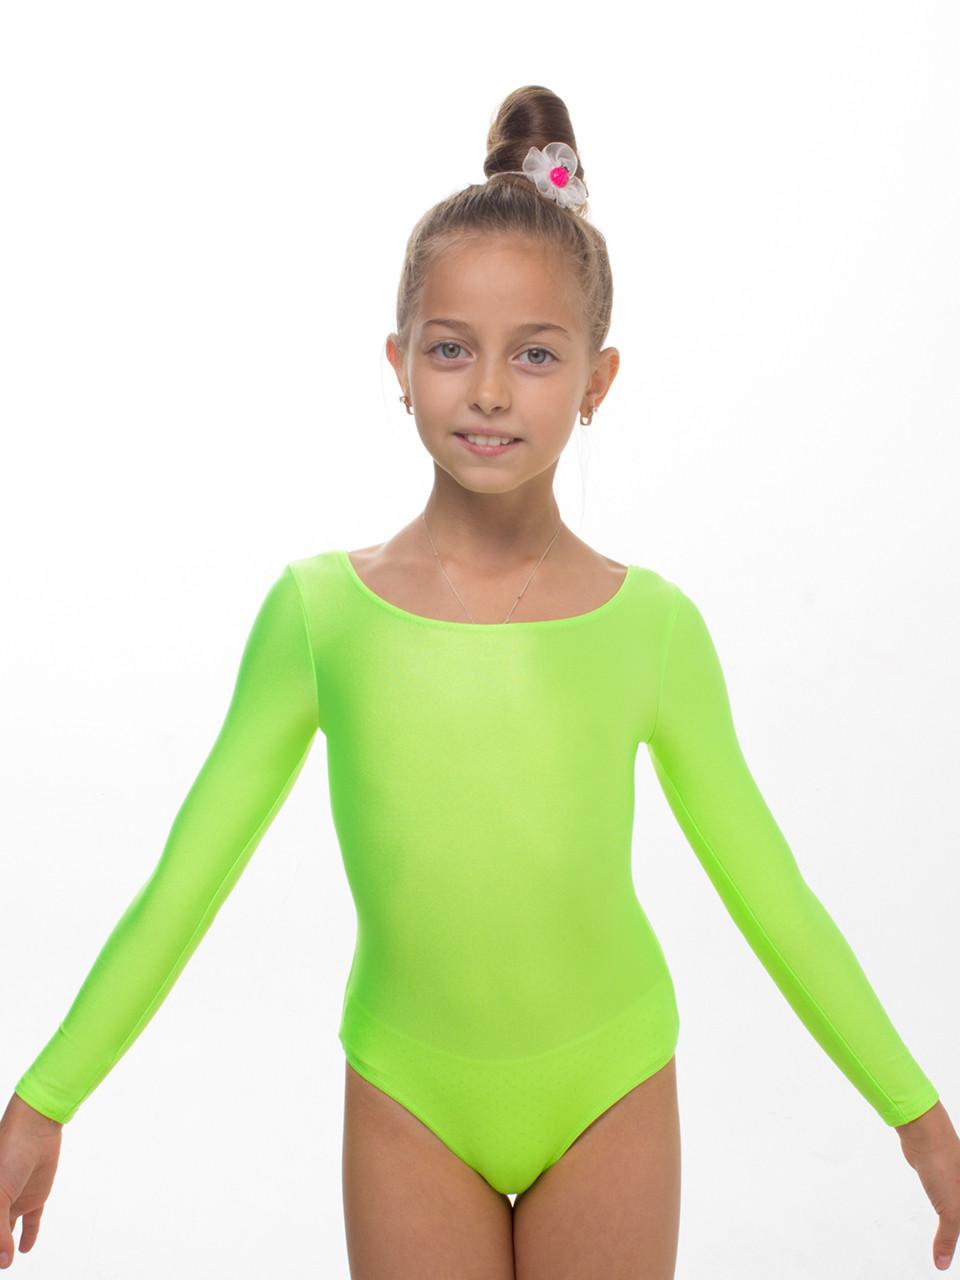 380b845bc4b56 Детские купальник для танцев САЛАТОВЫЙ размер L, XL - Интернет-магазин